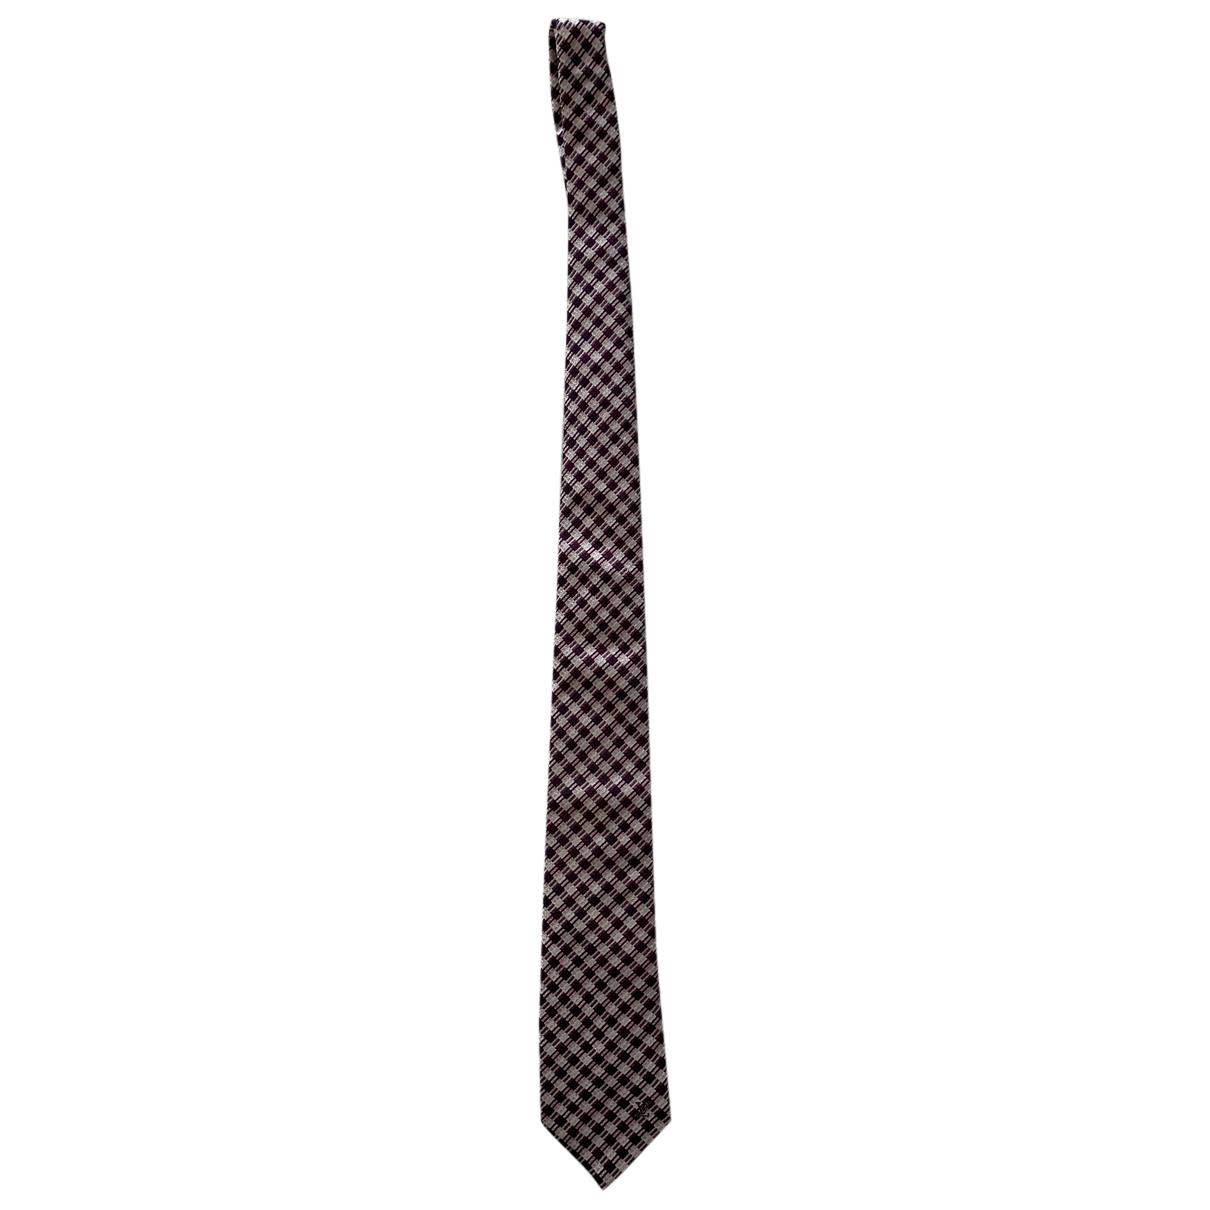 Louis Vuitton - Cravates   pour homme en soie - multicolore